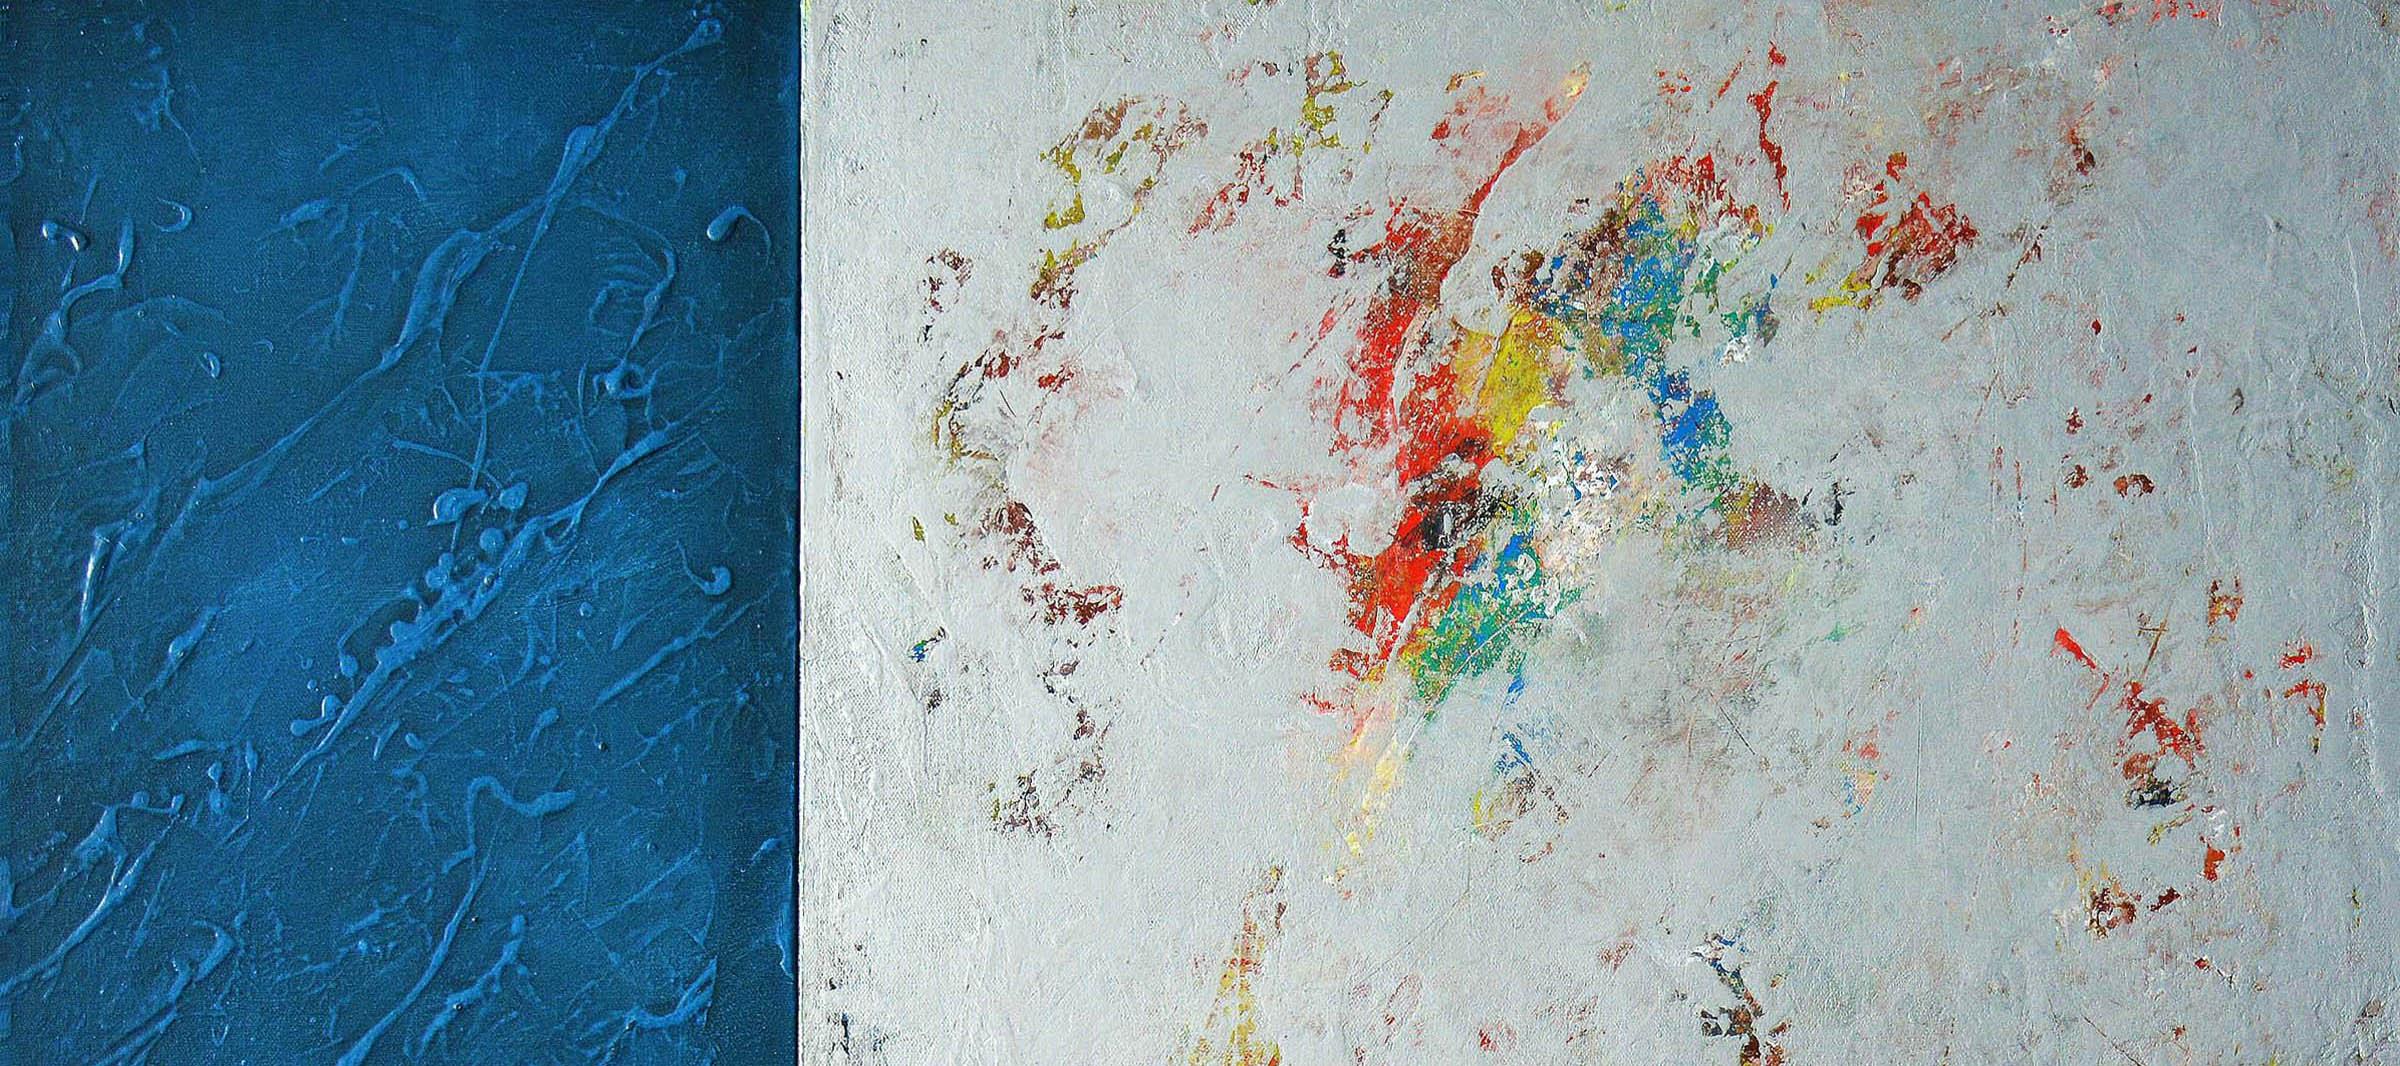 Cobalt-Dreamscape-Marcelo-Holzinger-Slider1